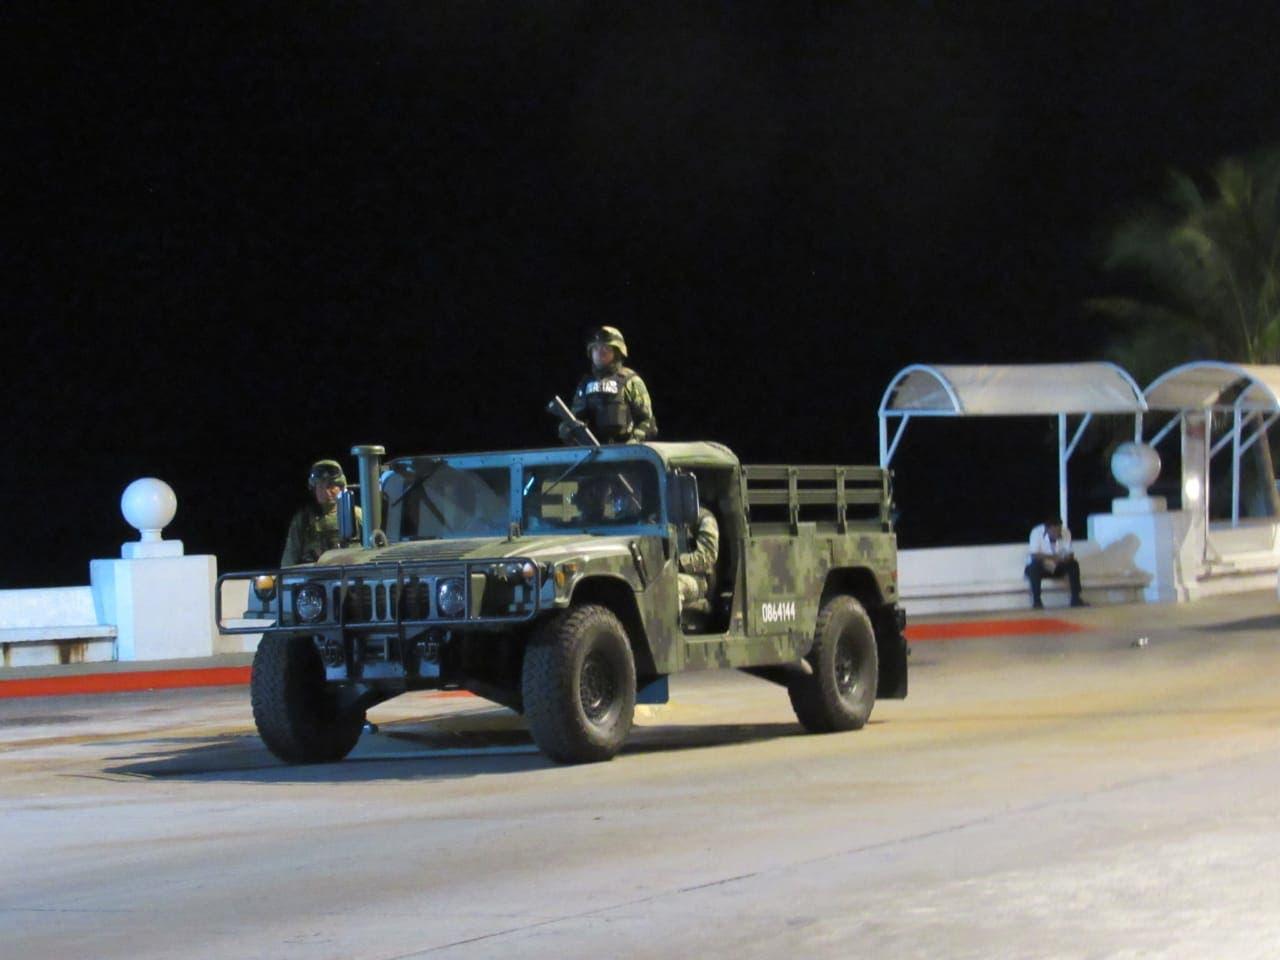 Arriban elementos de la Policía Militar a Cozumel